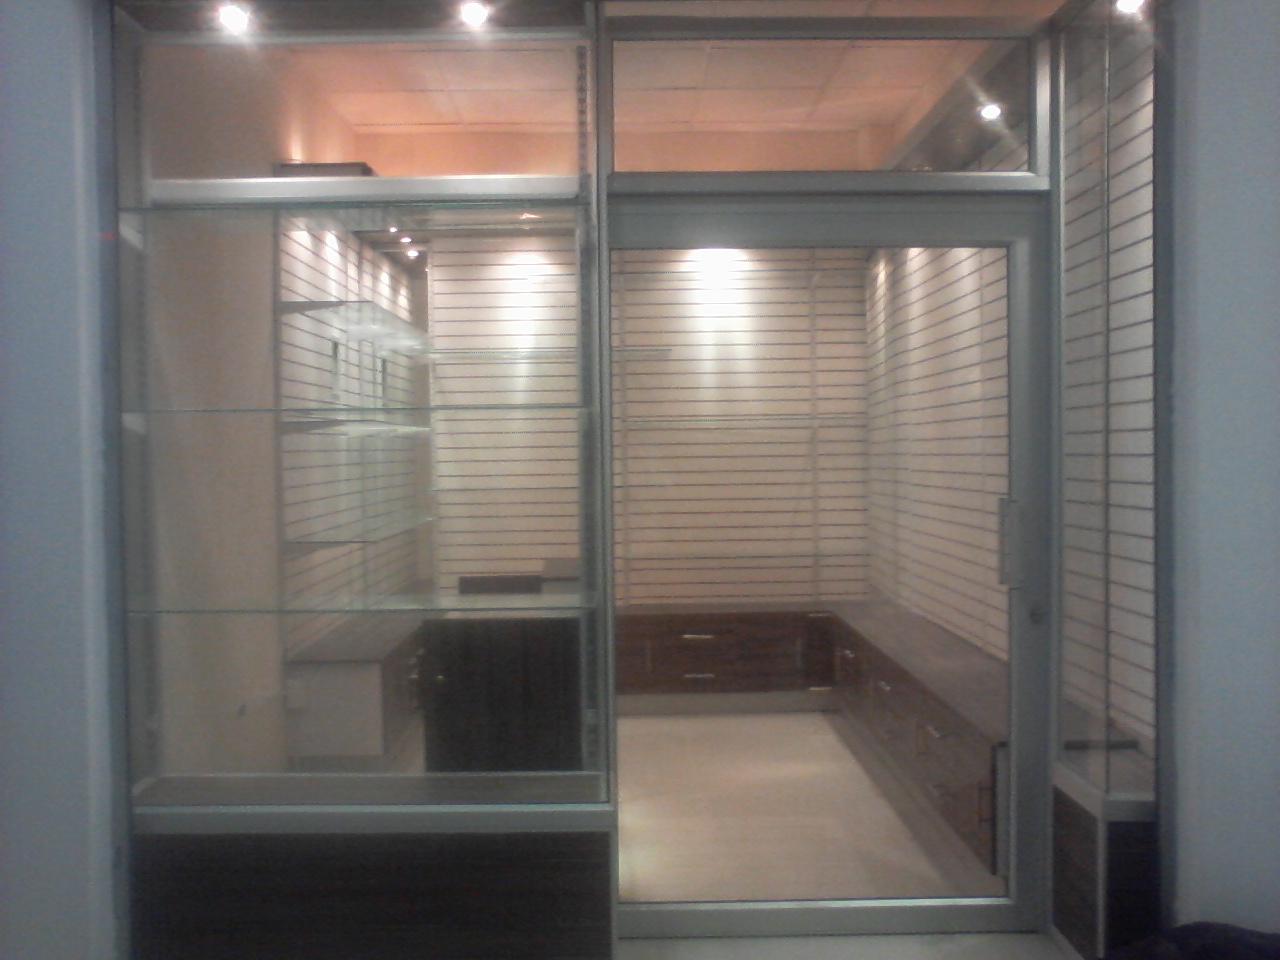 Aluminio y vidrio dise o de vitrinas en aluminio y vidrio for Disenos en aluminio